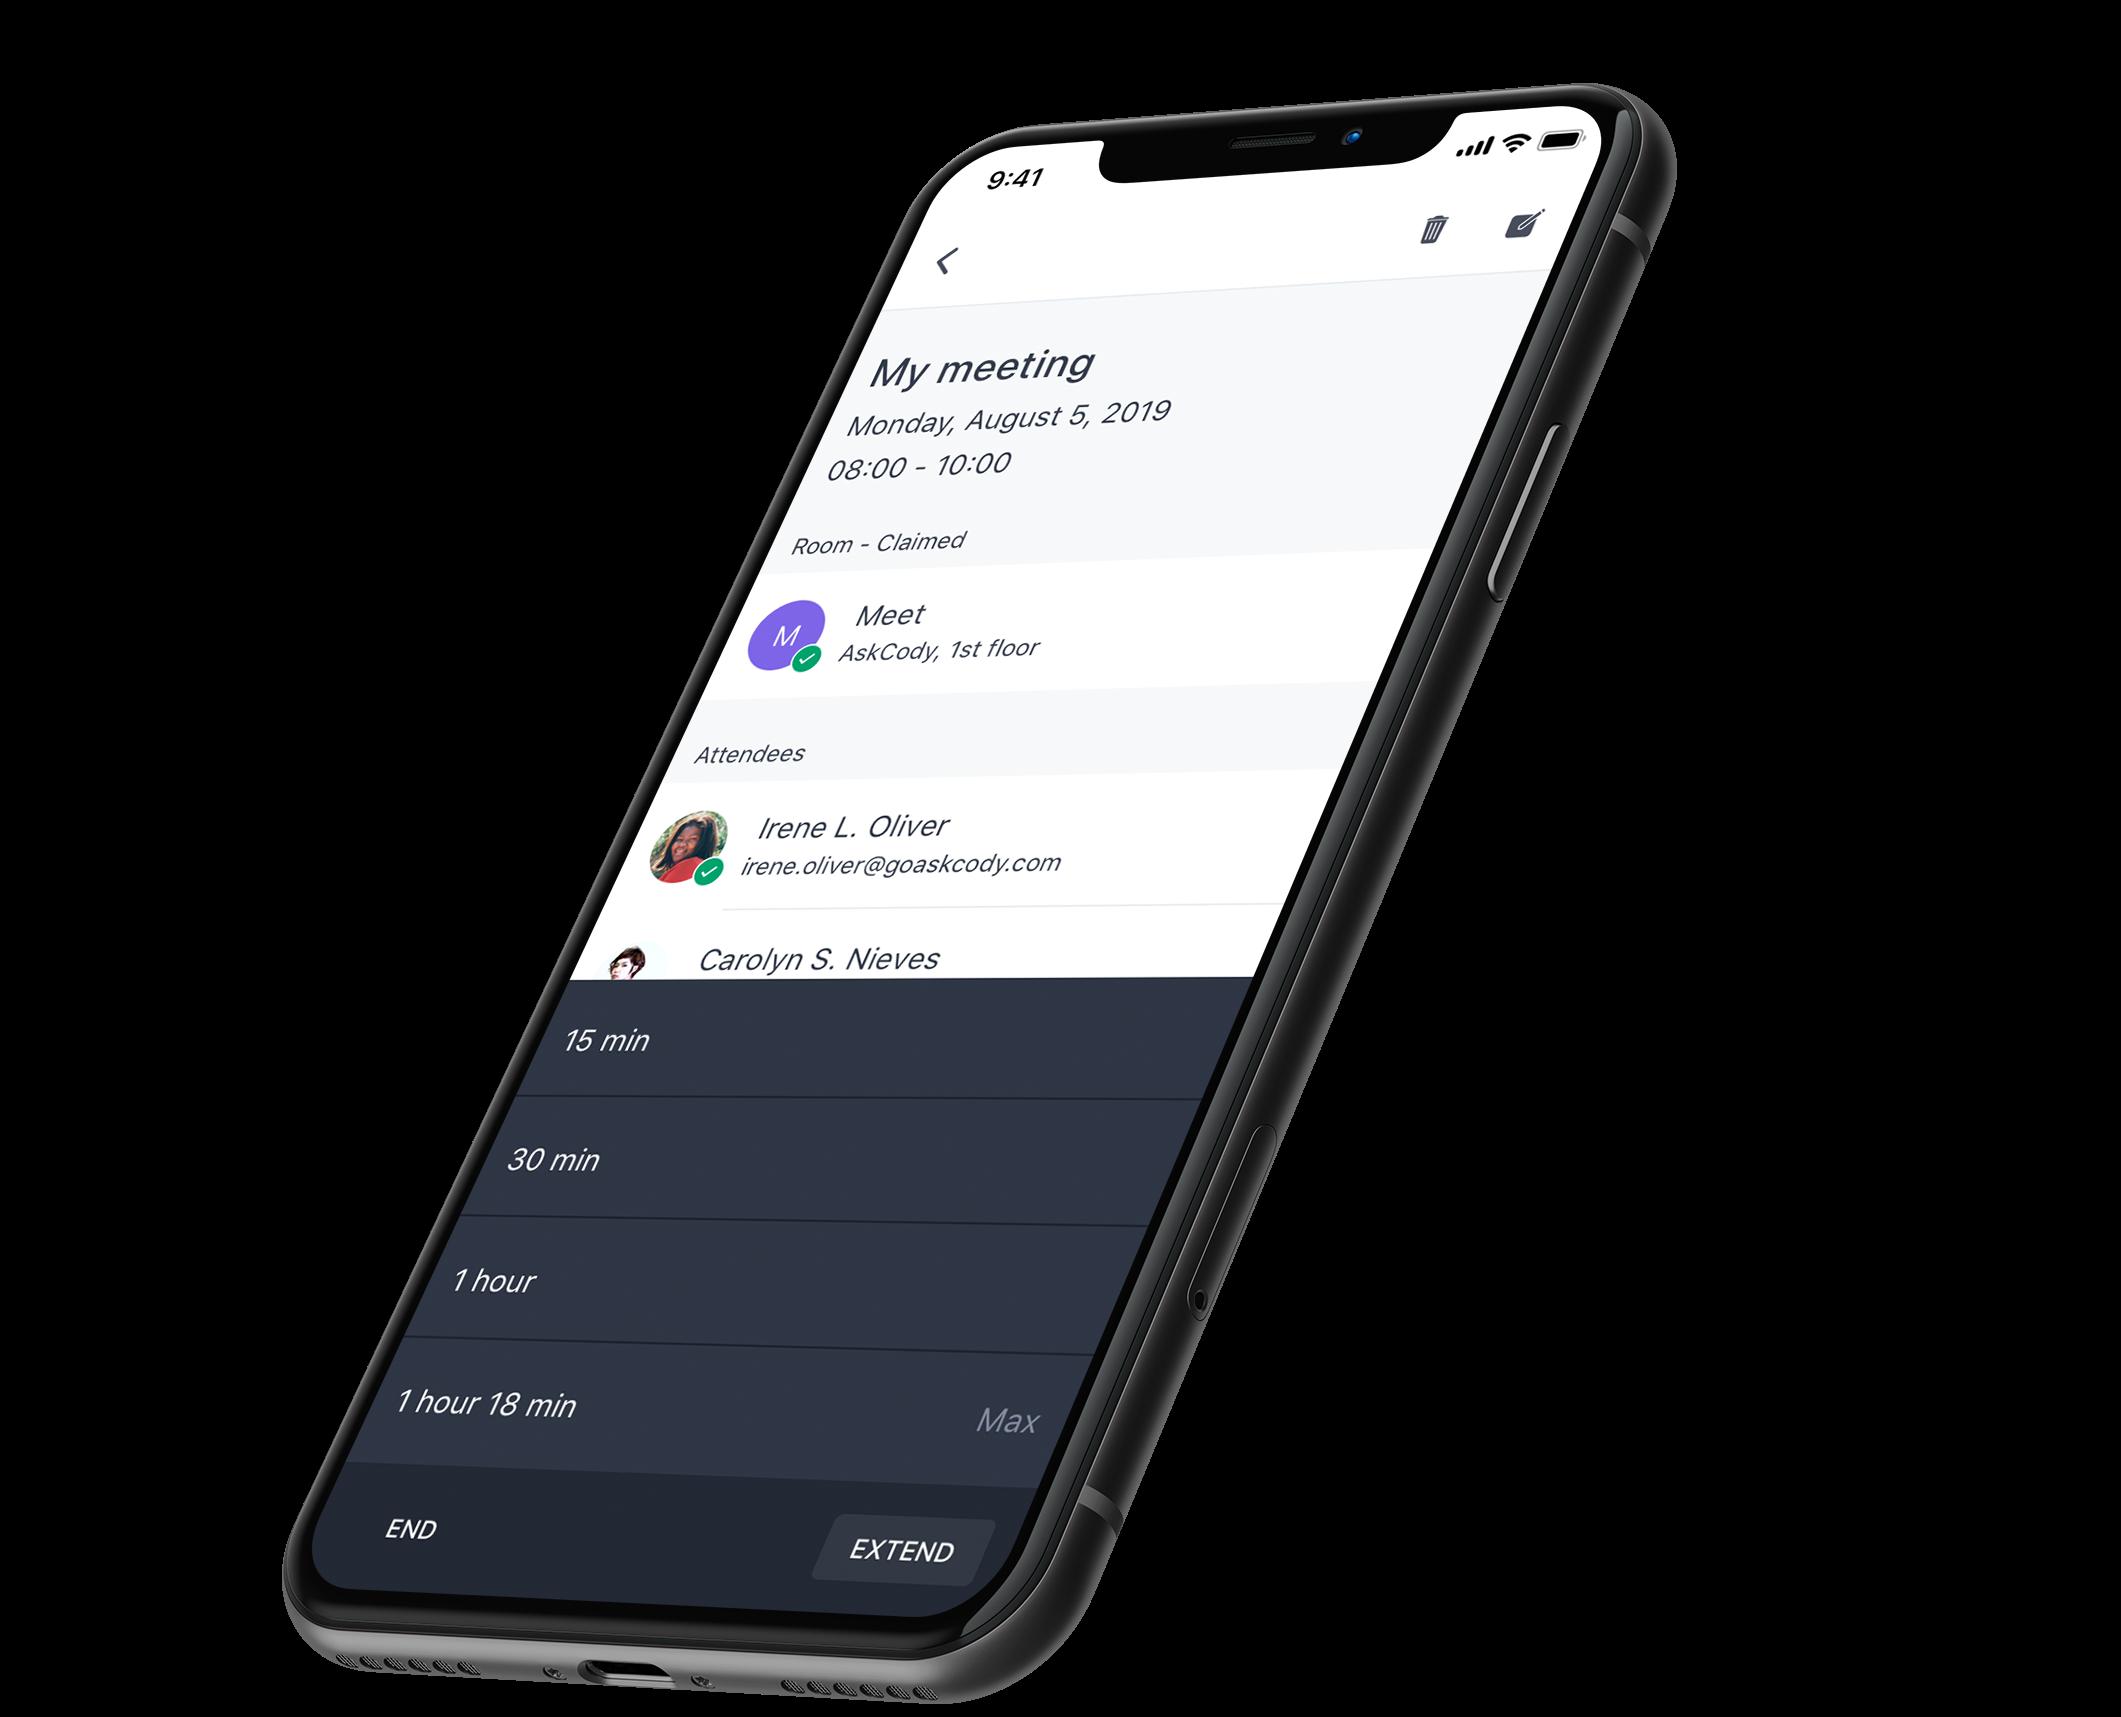 AskCody Mobile App - iPhone 8 - Small-3-1